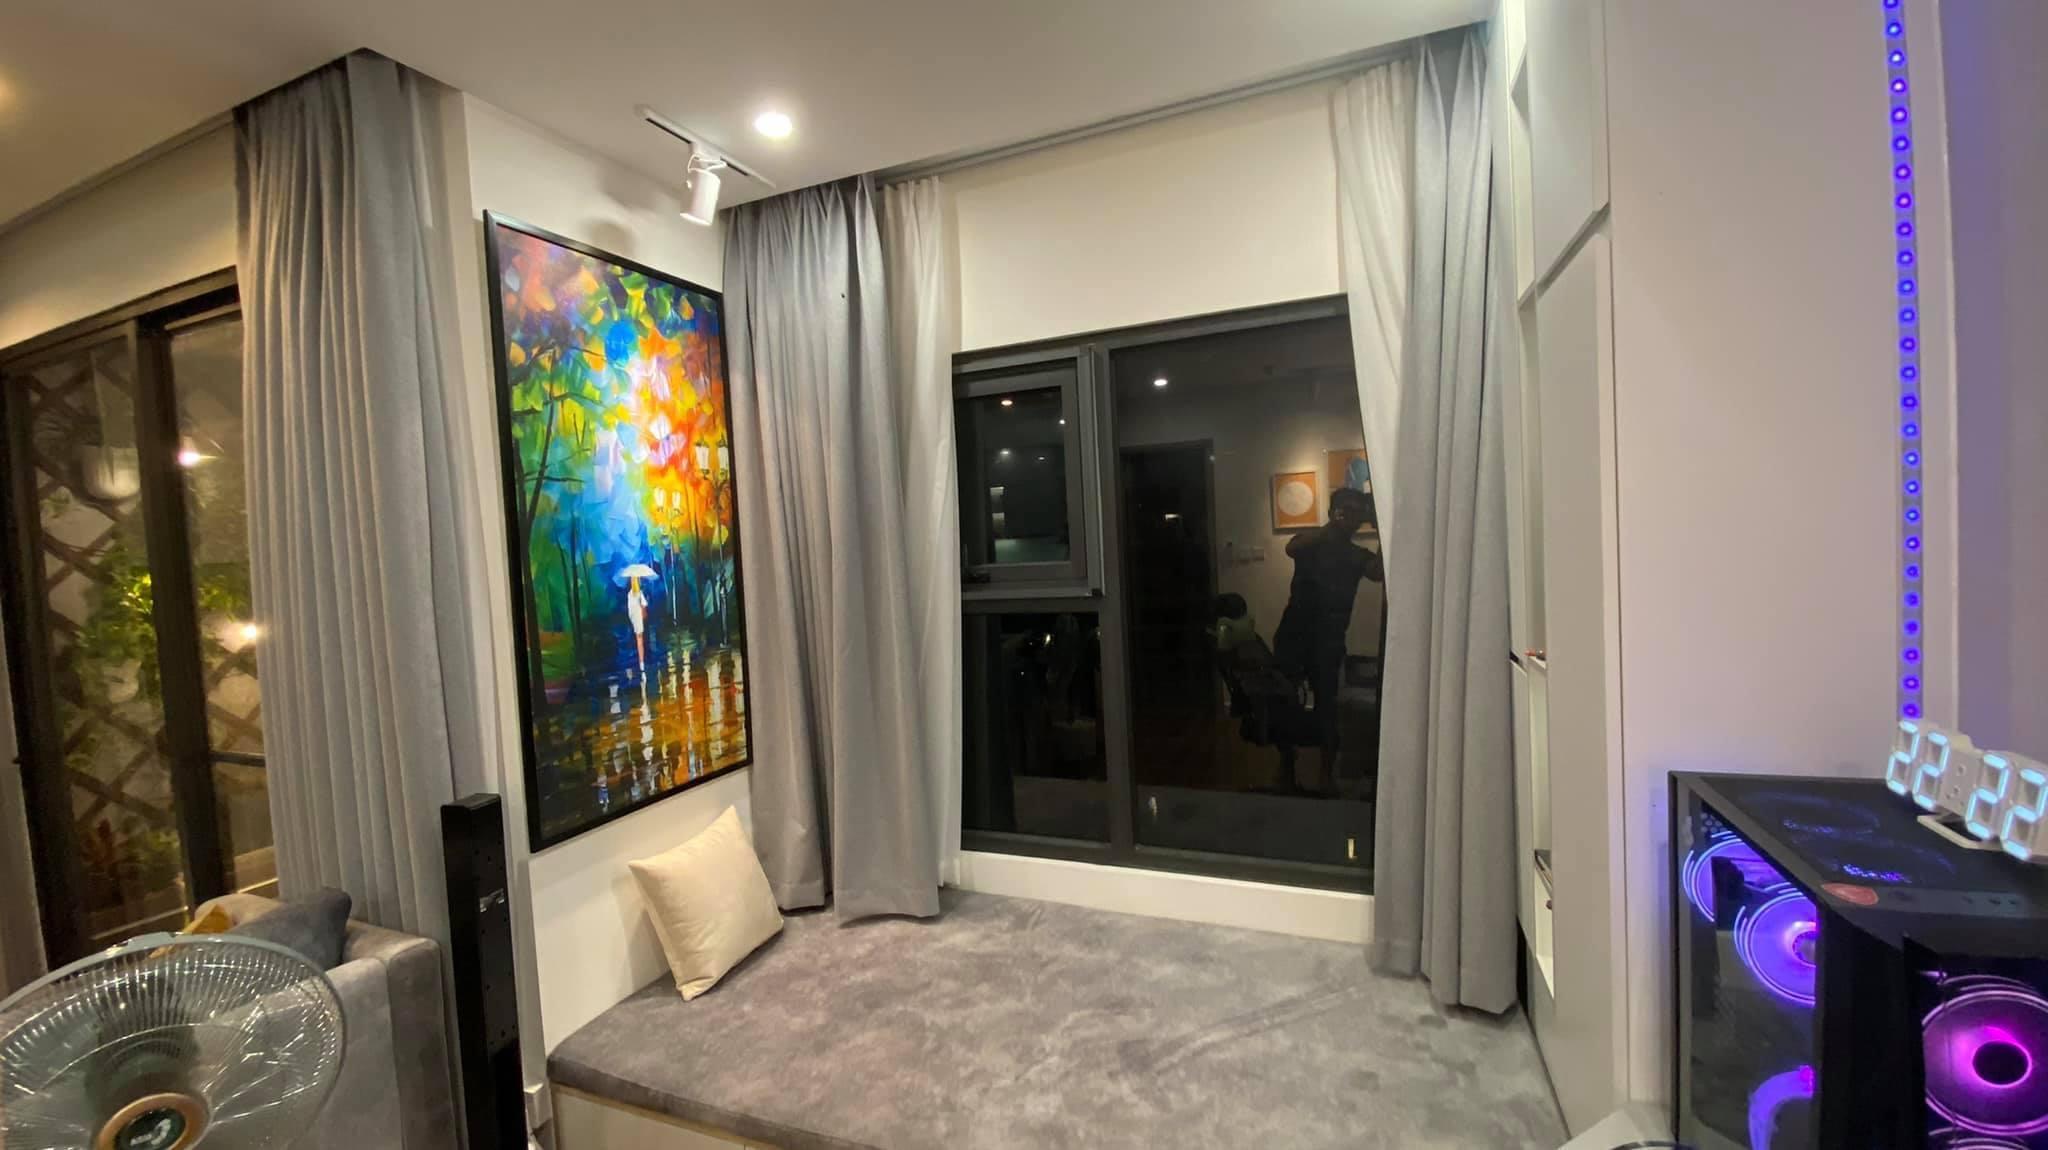 Căn hộ 2 phòng ngủ tầng 19 toà S2.02 Vinhomes Grand Park 8 triệu/tháng 8